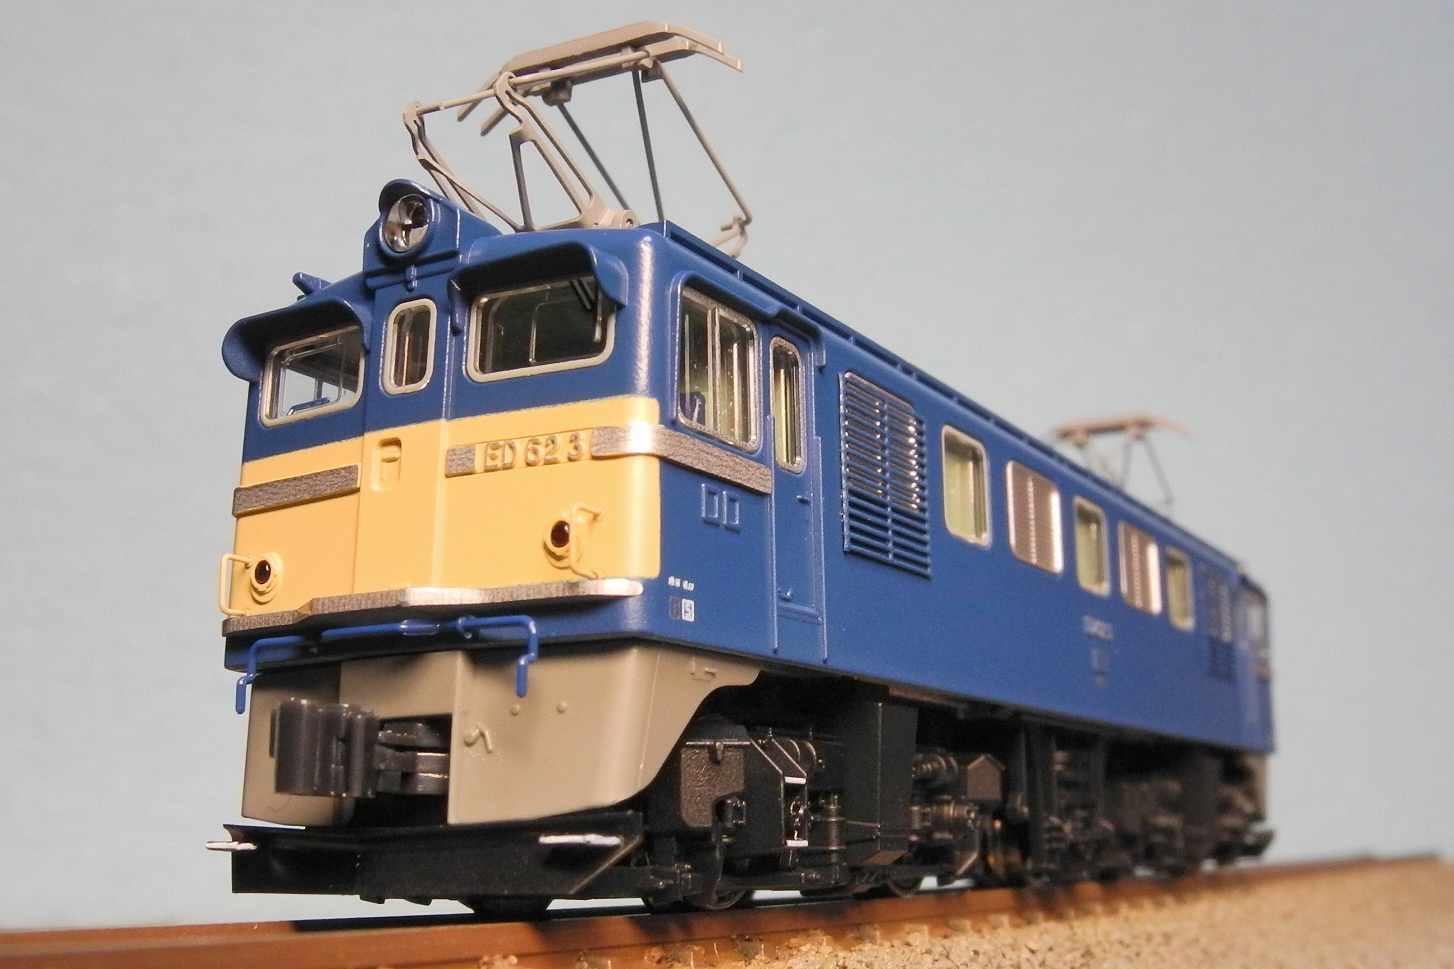 DSCN9999-1.jpg